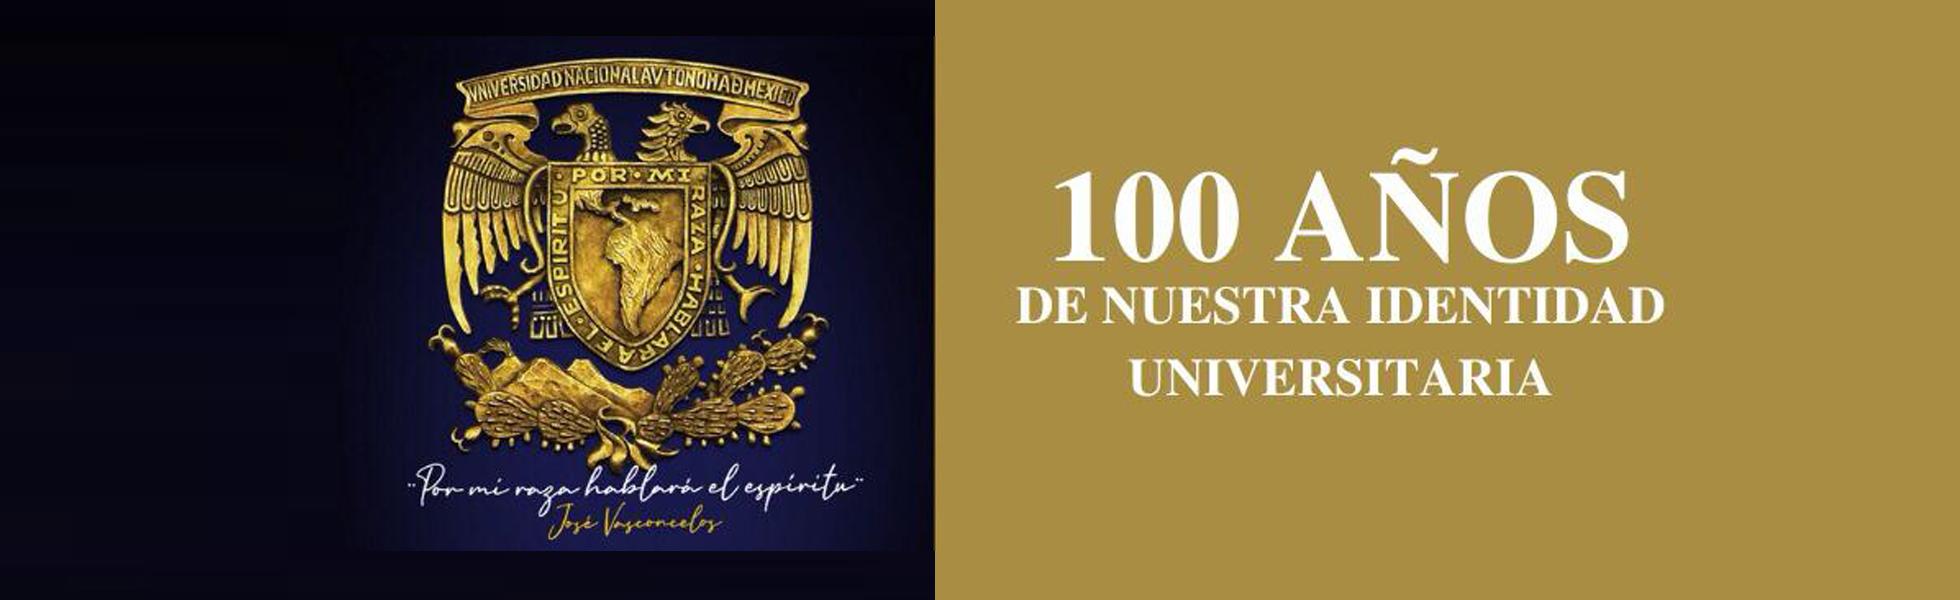 100 años de identidad universitaria